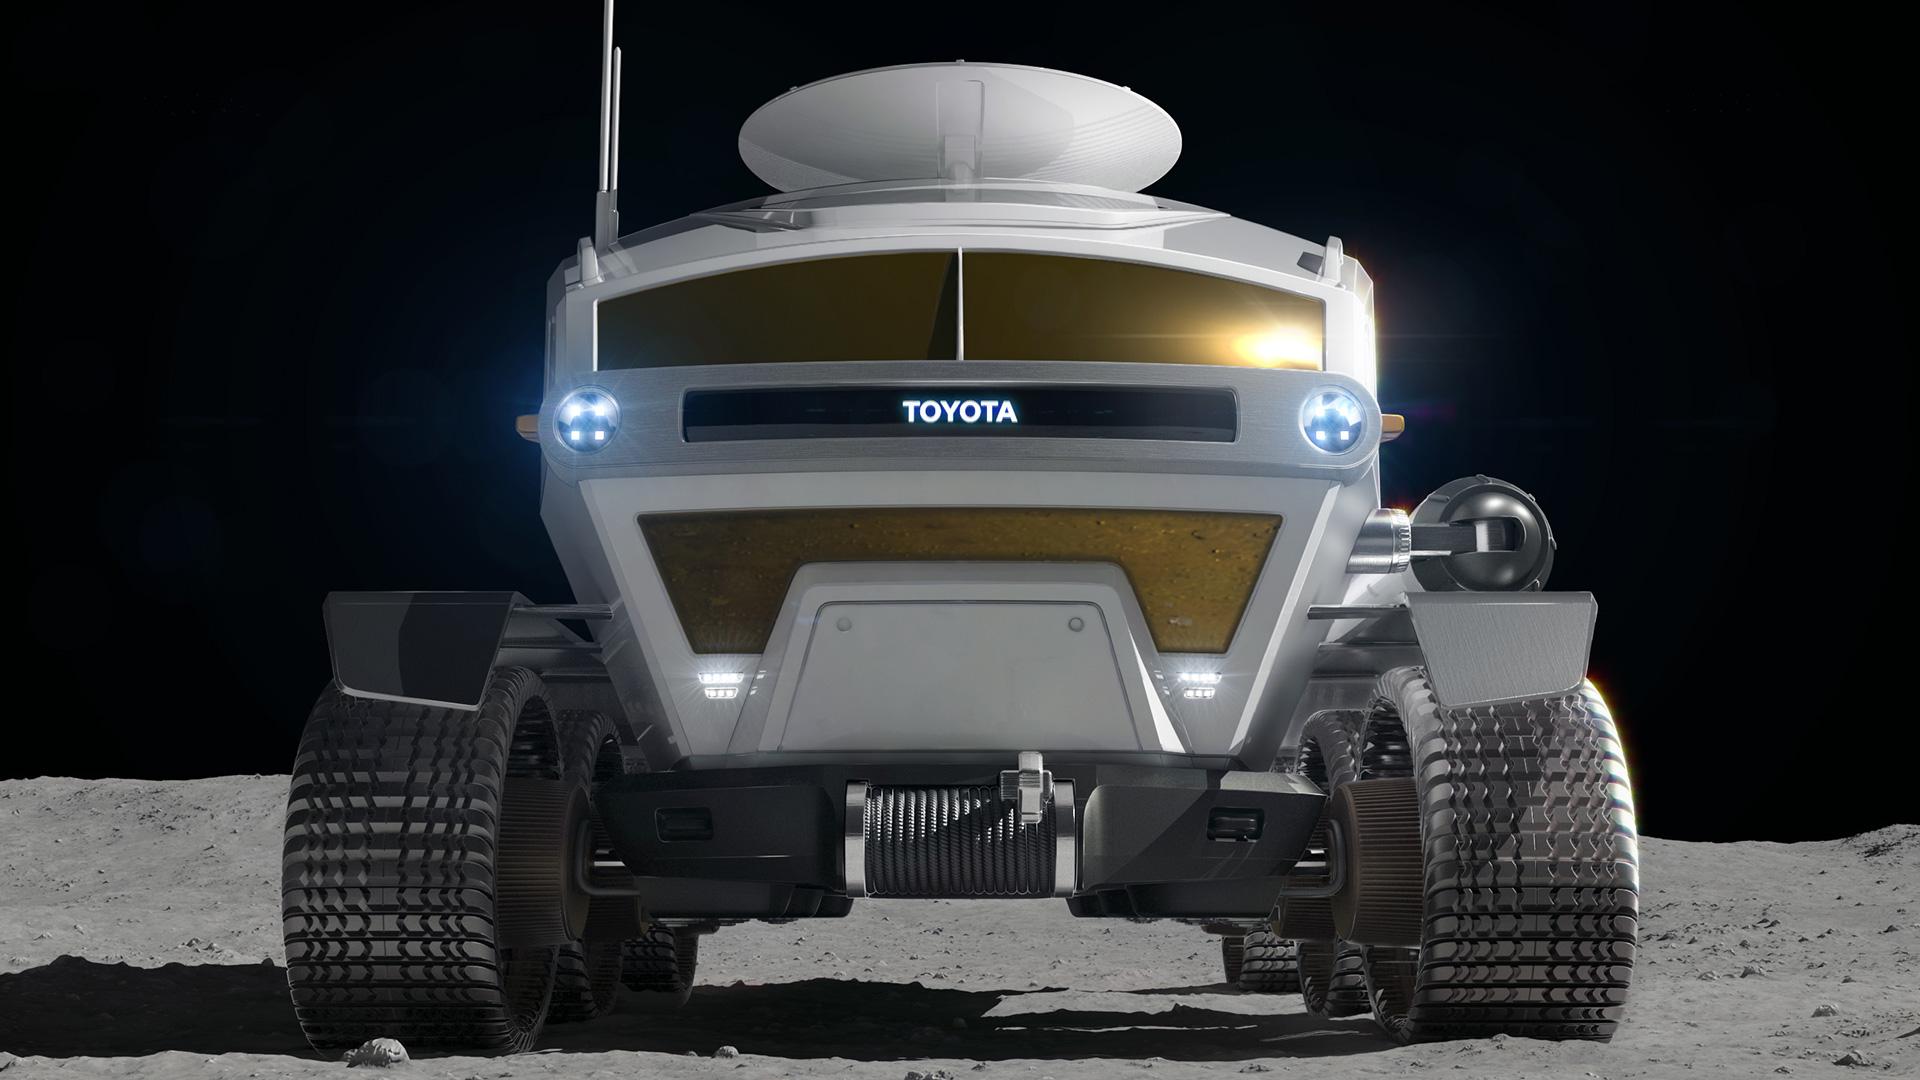 Toyota veicolo lunare a idrogeno con celle a combustibile